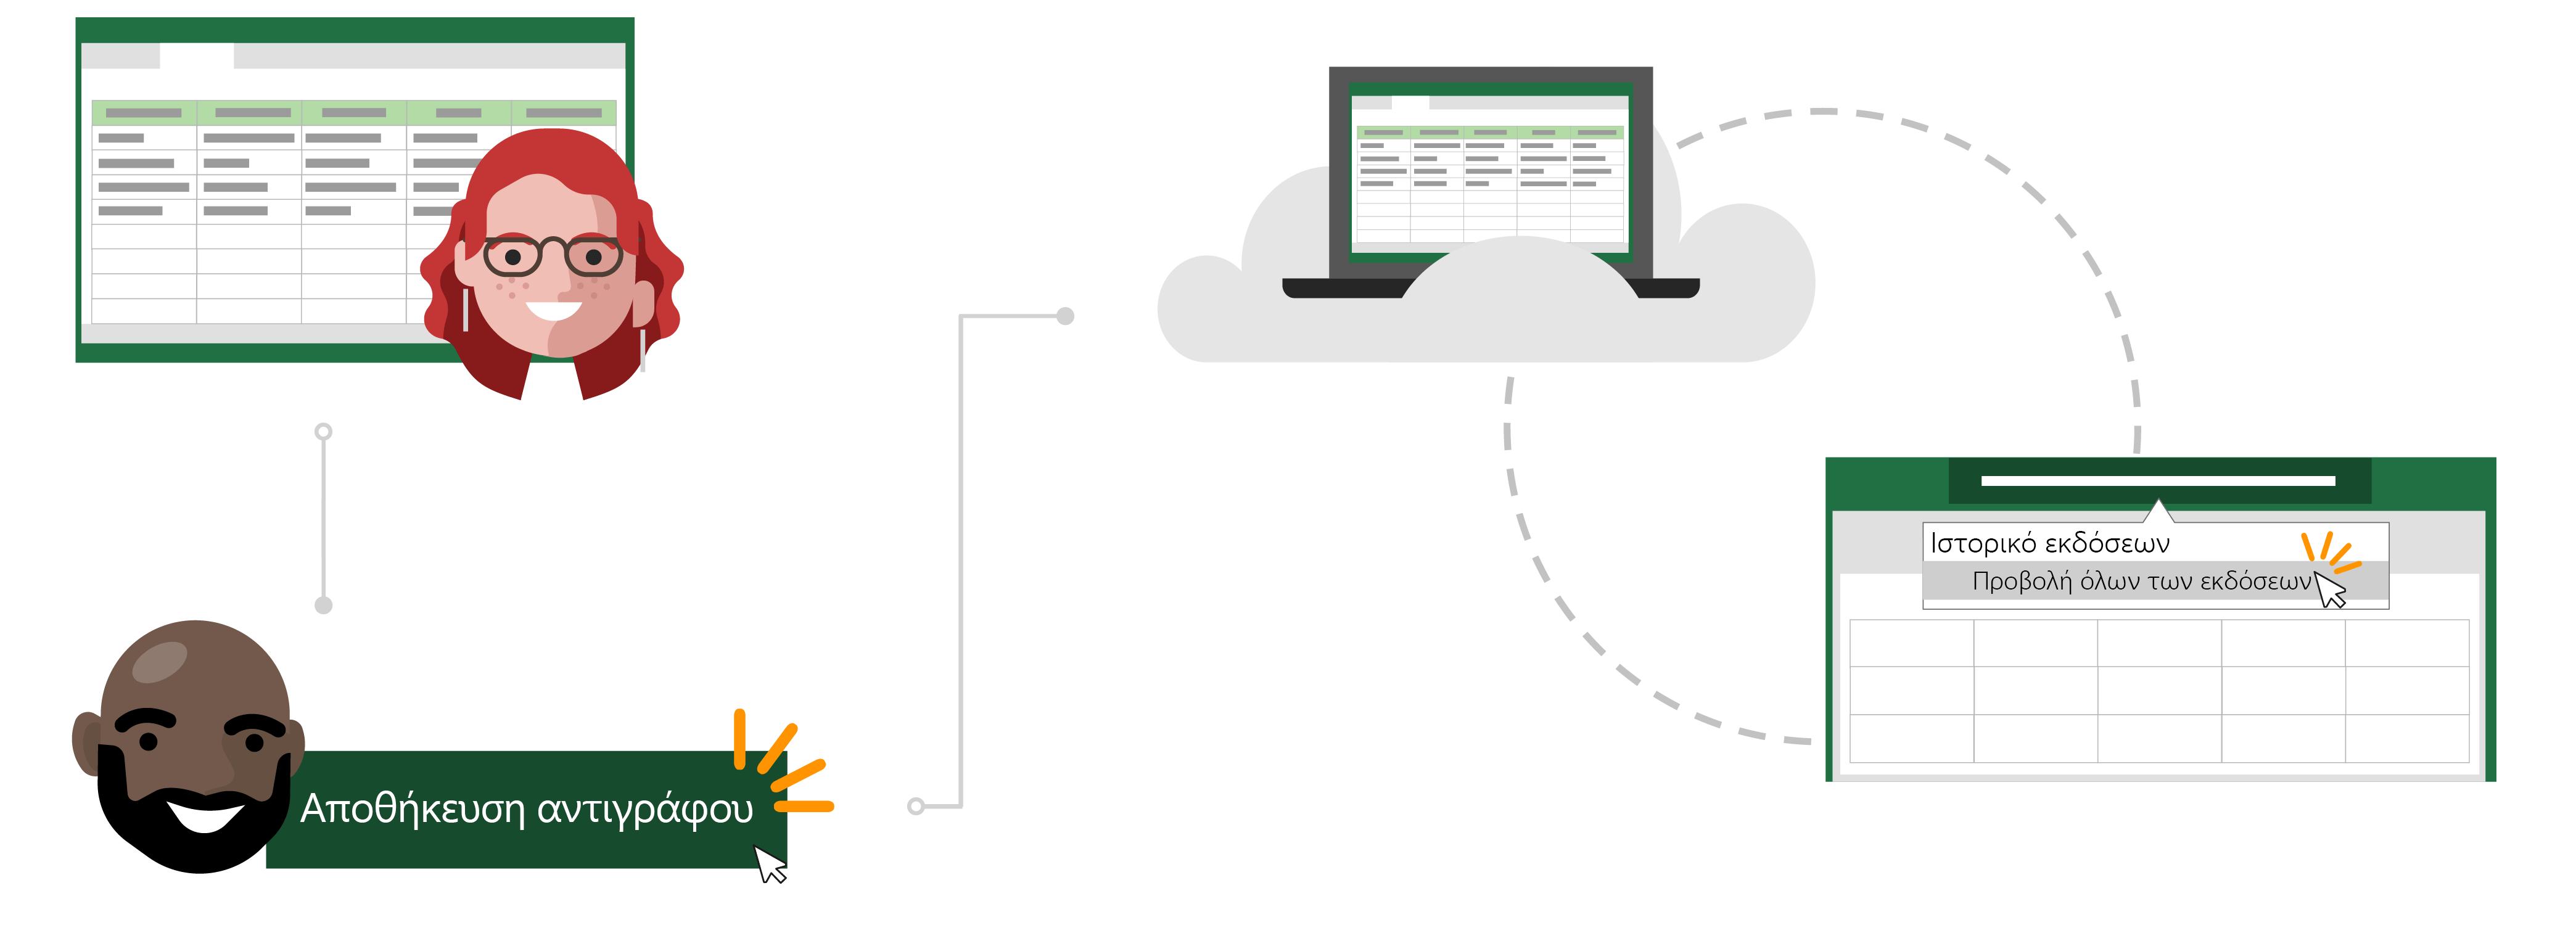 Χρήση ενός υπάρχοντος αρχείου στο cloud ως πρότυπο για ένα νέο αρχείο χρησιμοποιώντας Αποθήκευση αντιγράφου.